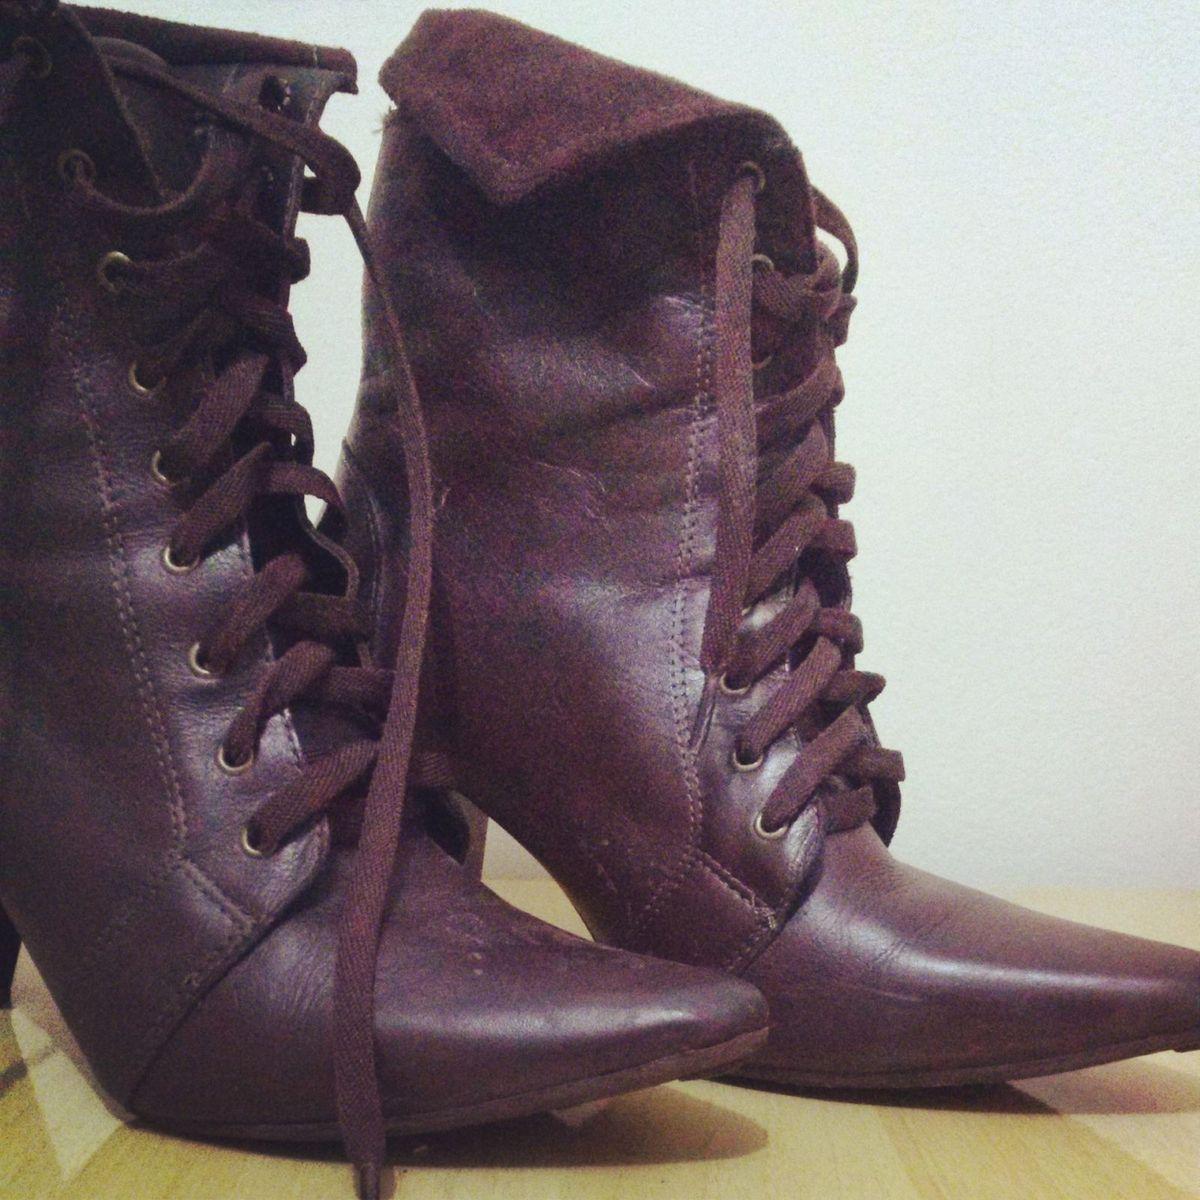 a4d92918d Bota Cano Curto   Bota Feminina Território Do Calçado De Jaú Usado 1215135    enjoei